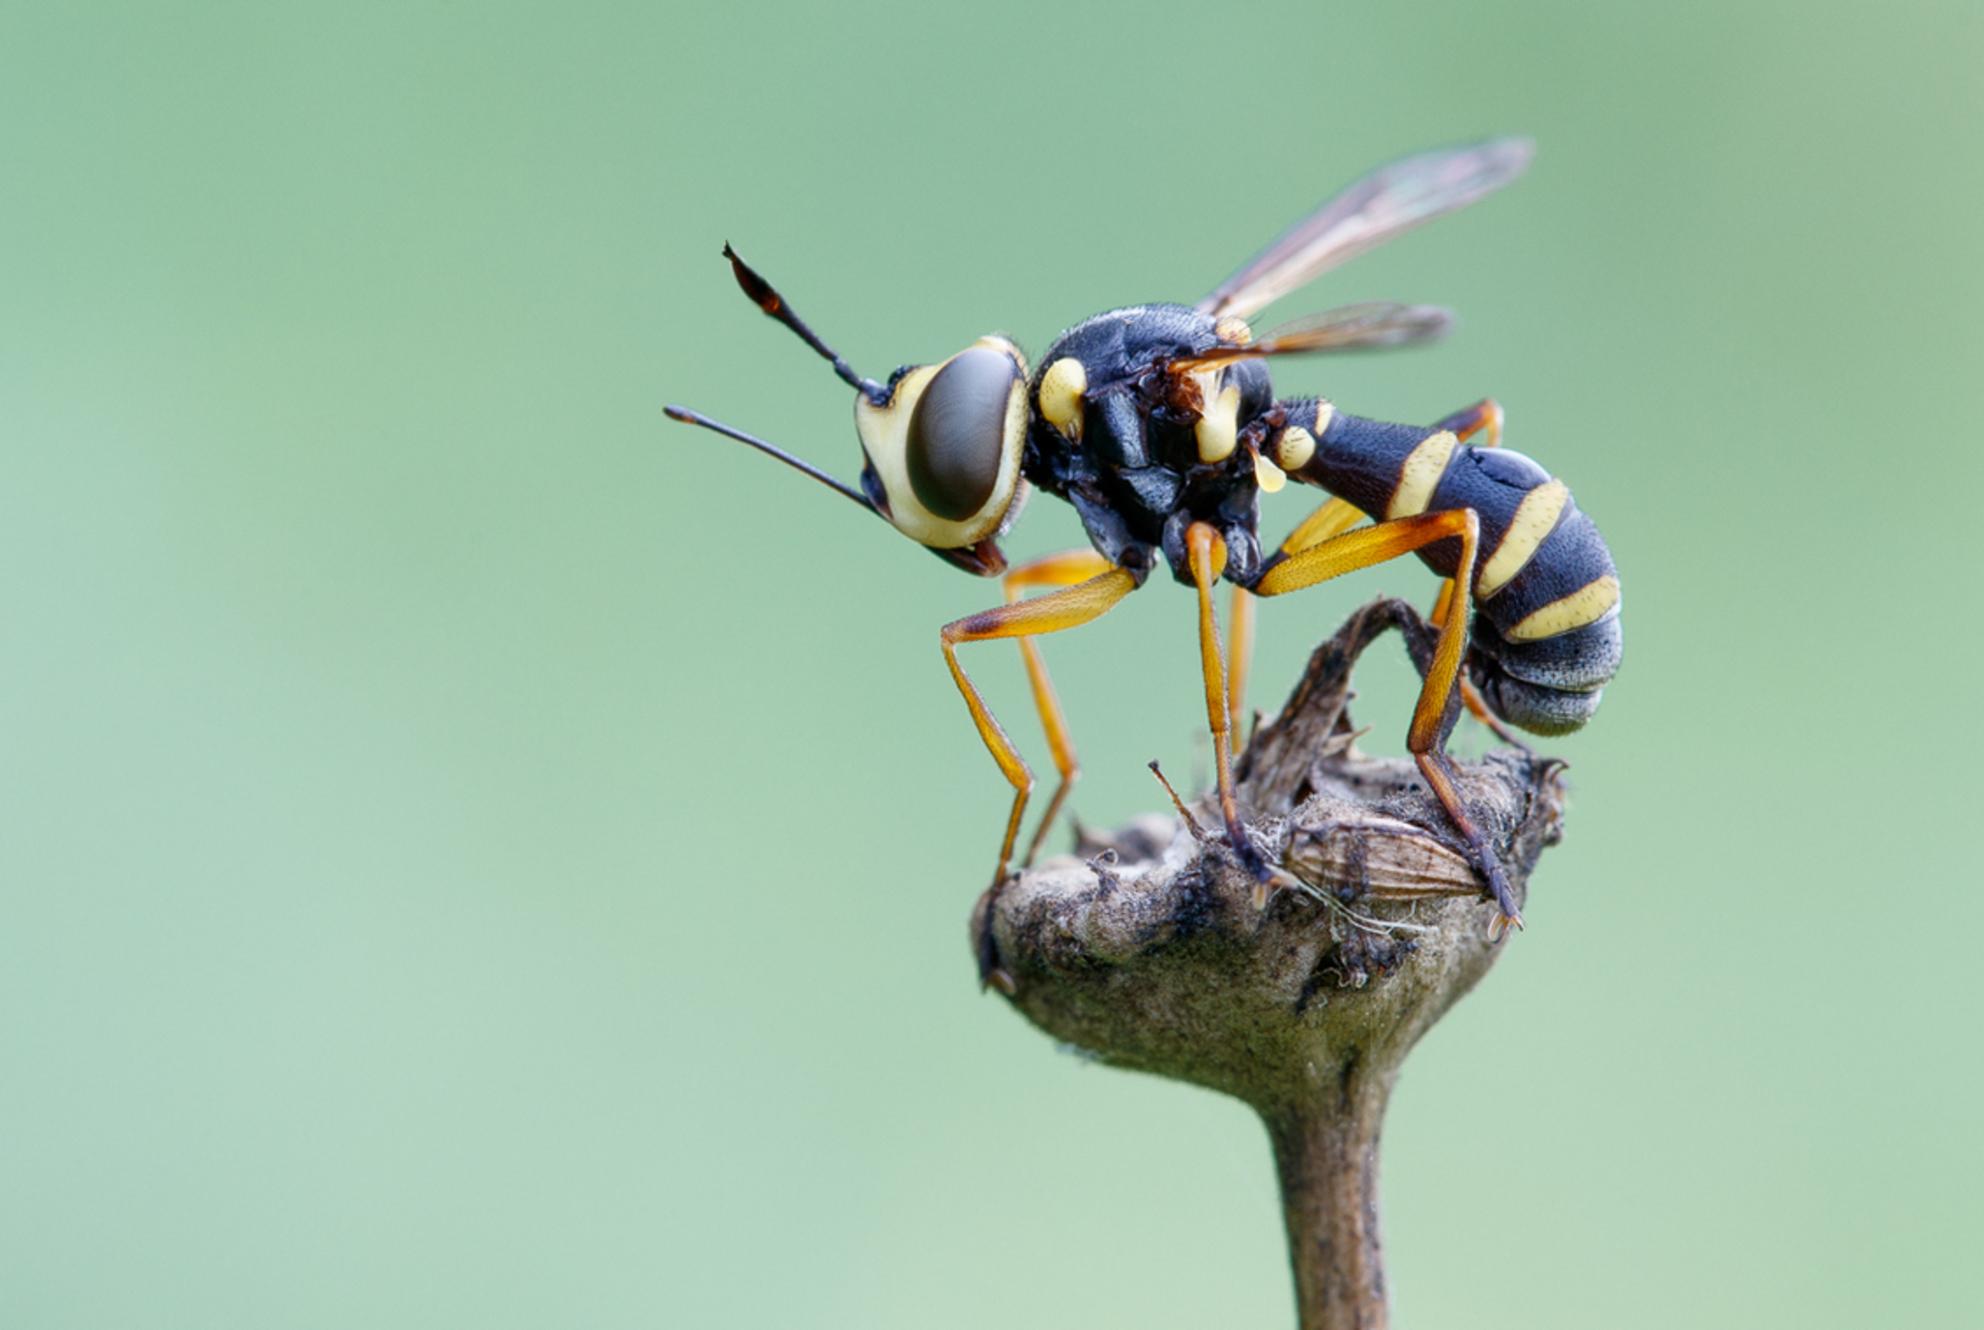 Slanke blaaskop - Conops scutellatus - Slanke blaaskop - Conops scutellatus - foto door rwillemsen op 21-08-2017 - deze foto bevat: macro, natuur, vlieg, geel, zwart, dieren, zomer, insect, dier, canon, nederland, europa, natuurfotografie, macrofotografie, imago, dierfotografie, canon eos 7d mark ii, insecta, canon ef 100mm f/2.8 l macro is usm, vlieg geel zwart, conops scutellatus, thick-headed fly, slanke blaaskop